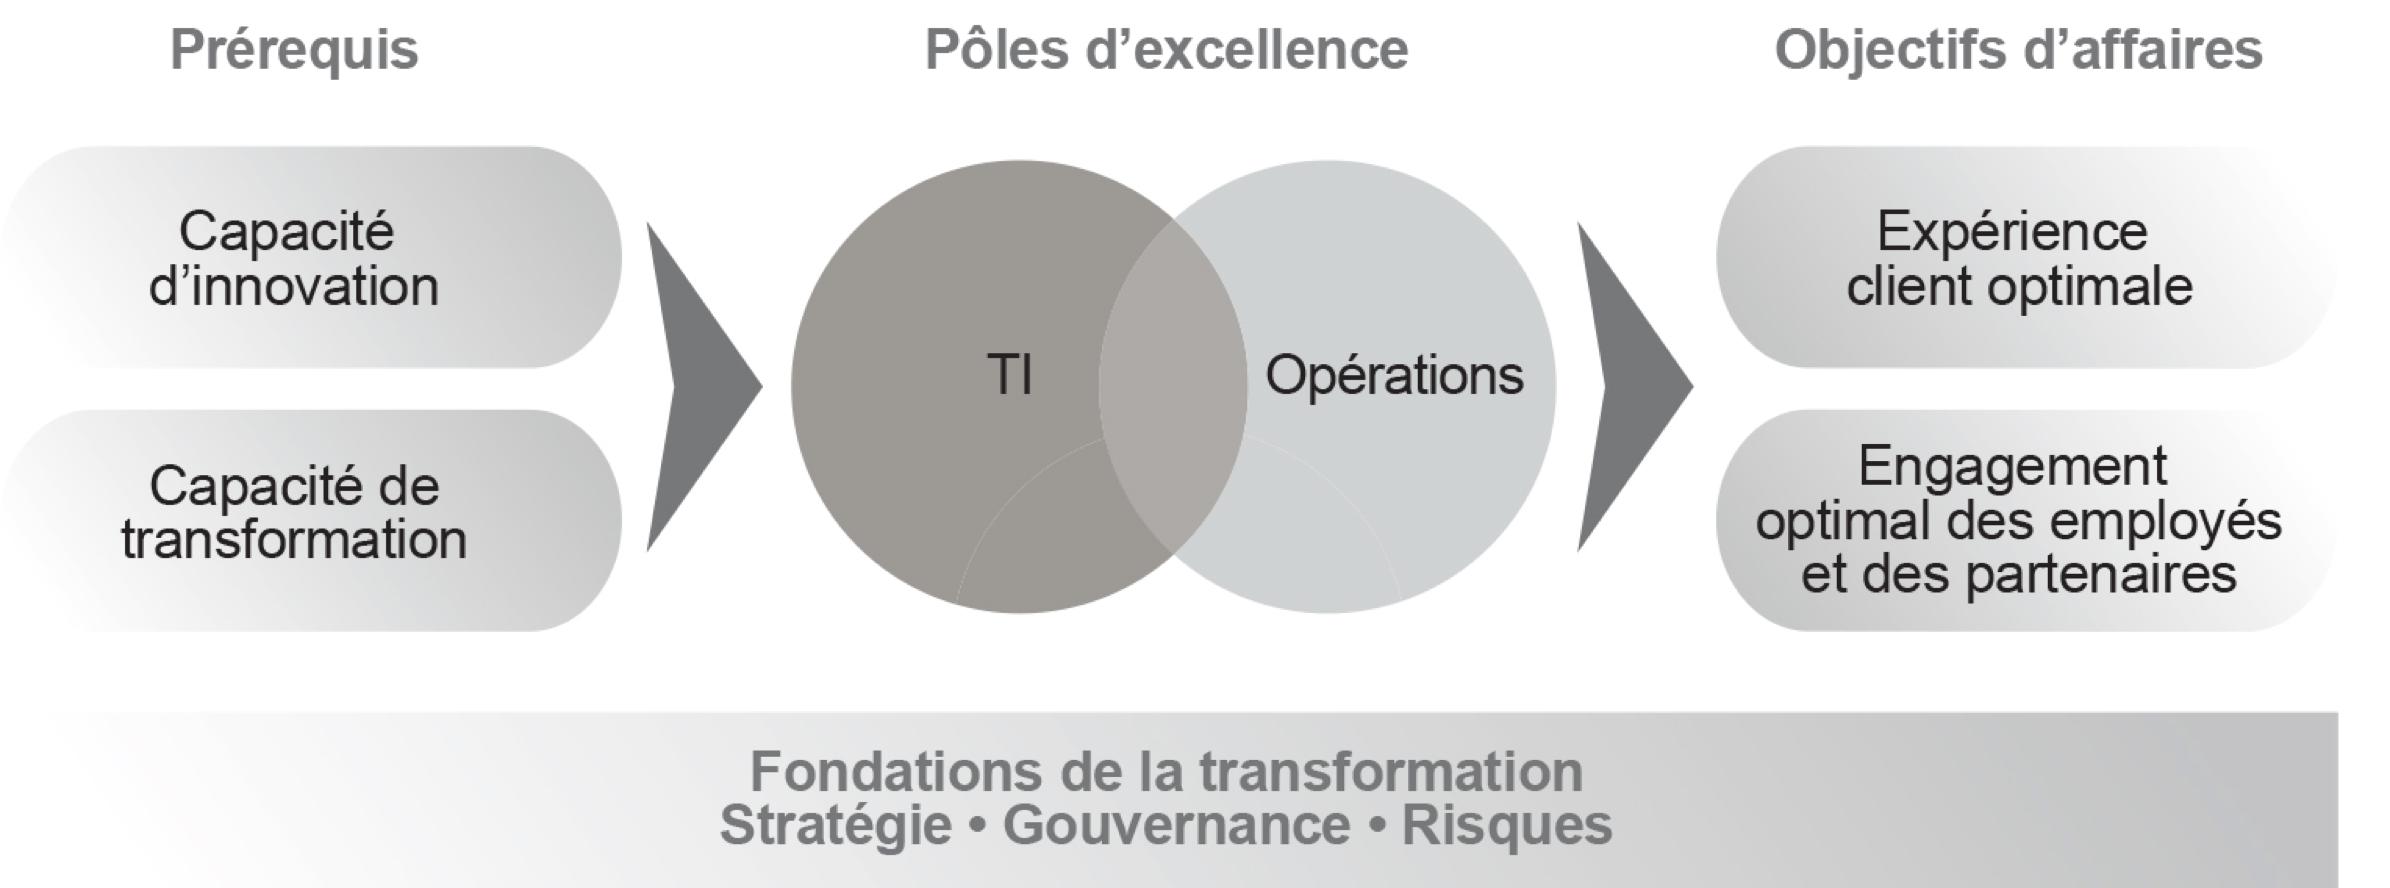 prérequis; pôles d'excellence; objectifs d'affaires; TI et opérations